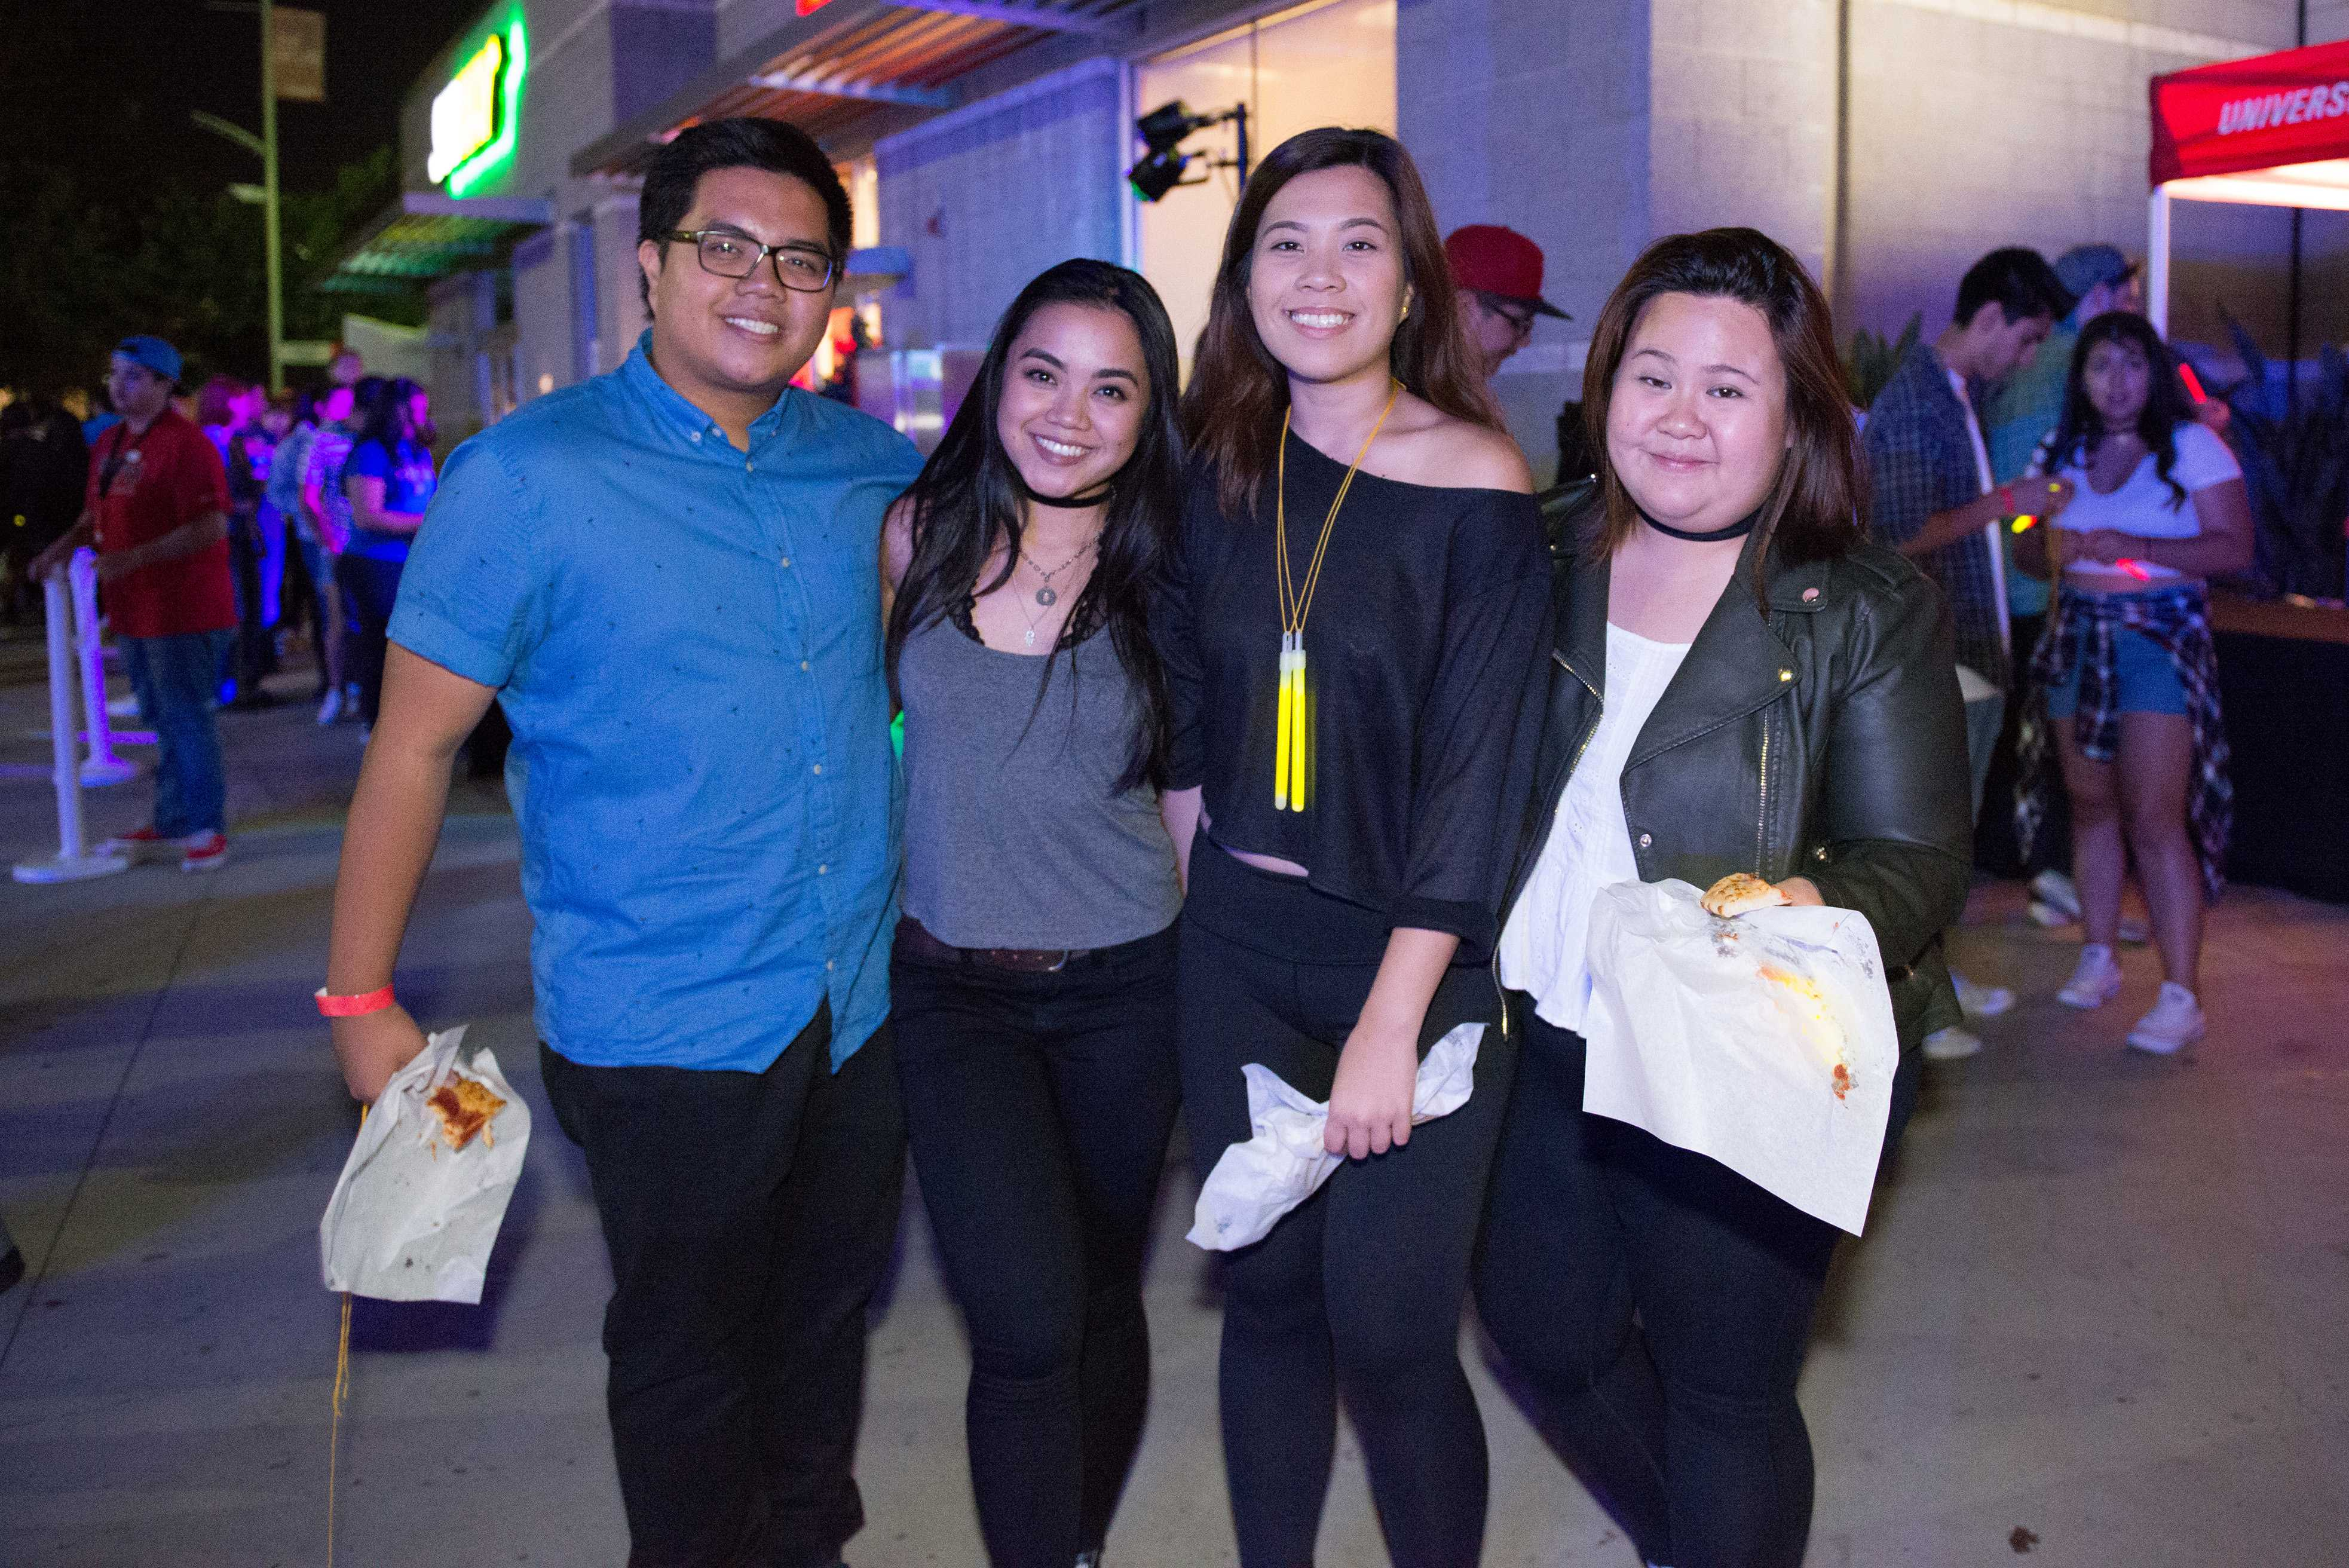 Students enjoy free food at Matador Nights